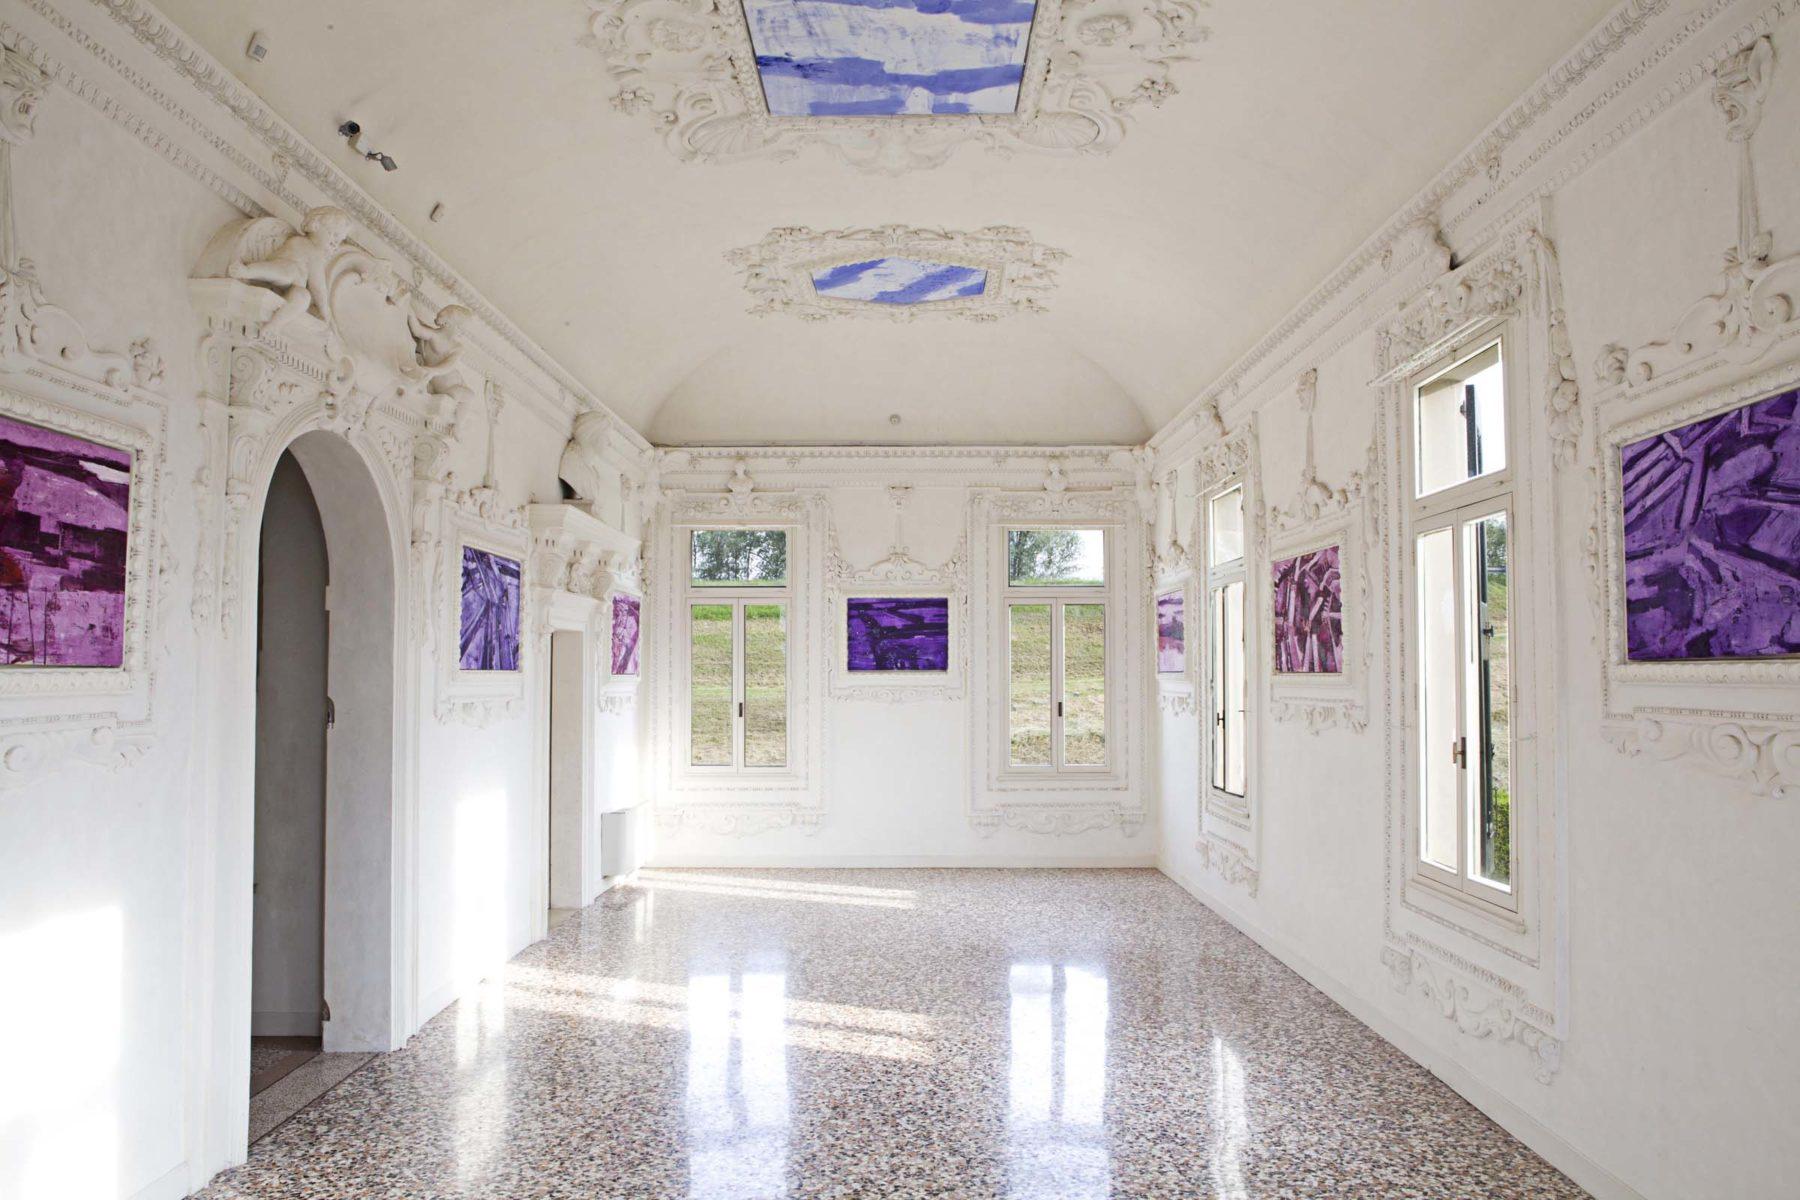 G.Frangi, Mappe, 2012, tecnica mista su tela, presso Villa Morosini, ph.a.frangi 01